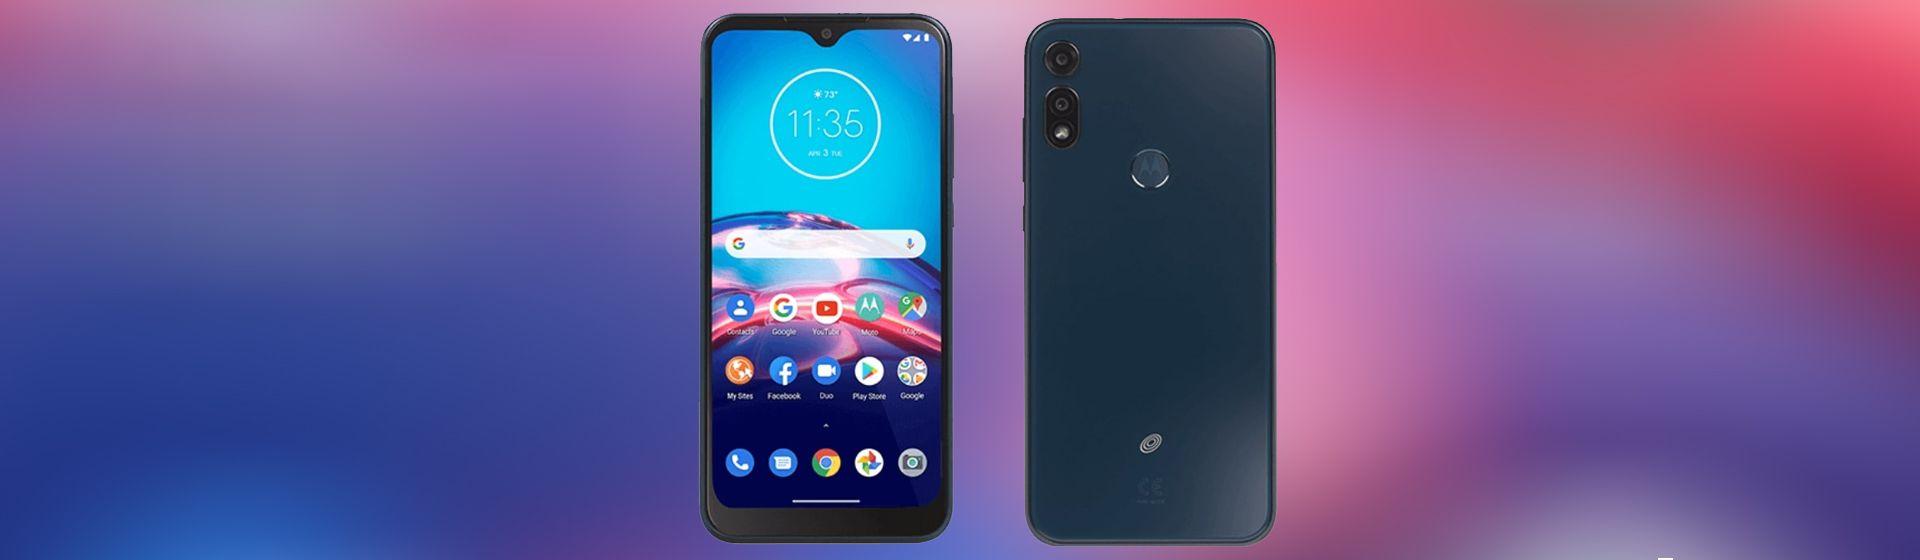 """Vaza a ficha técnica completa do Moto E7, novo """"basicão"""" da Motorola"""